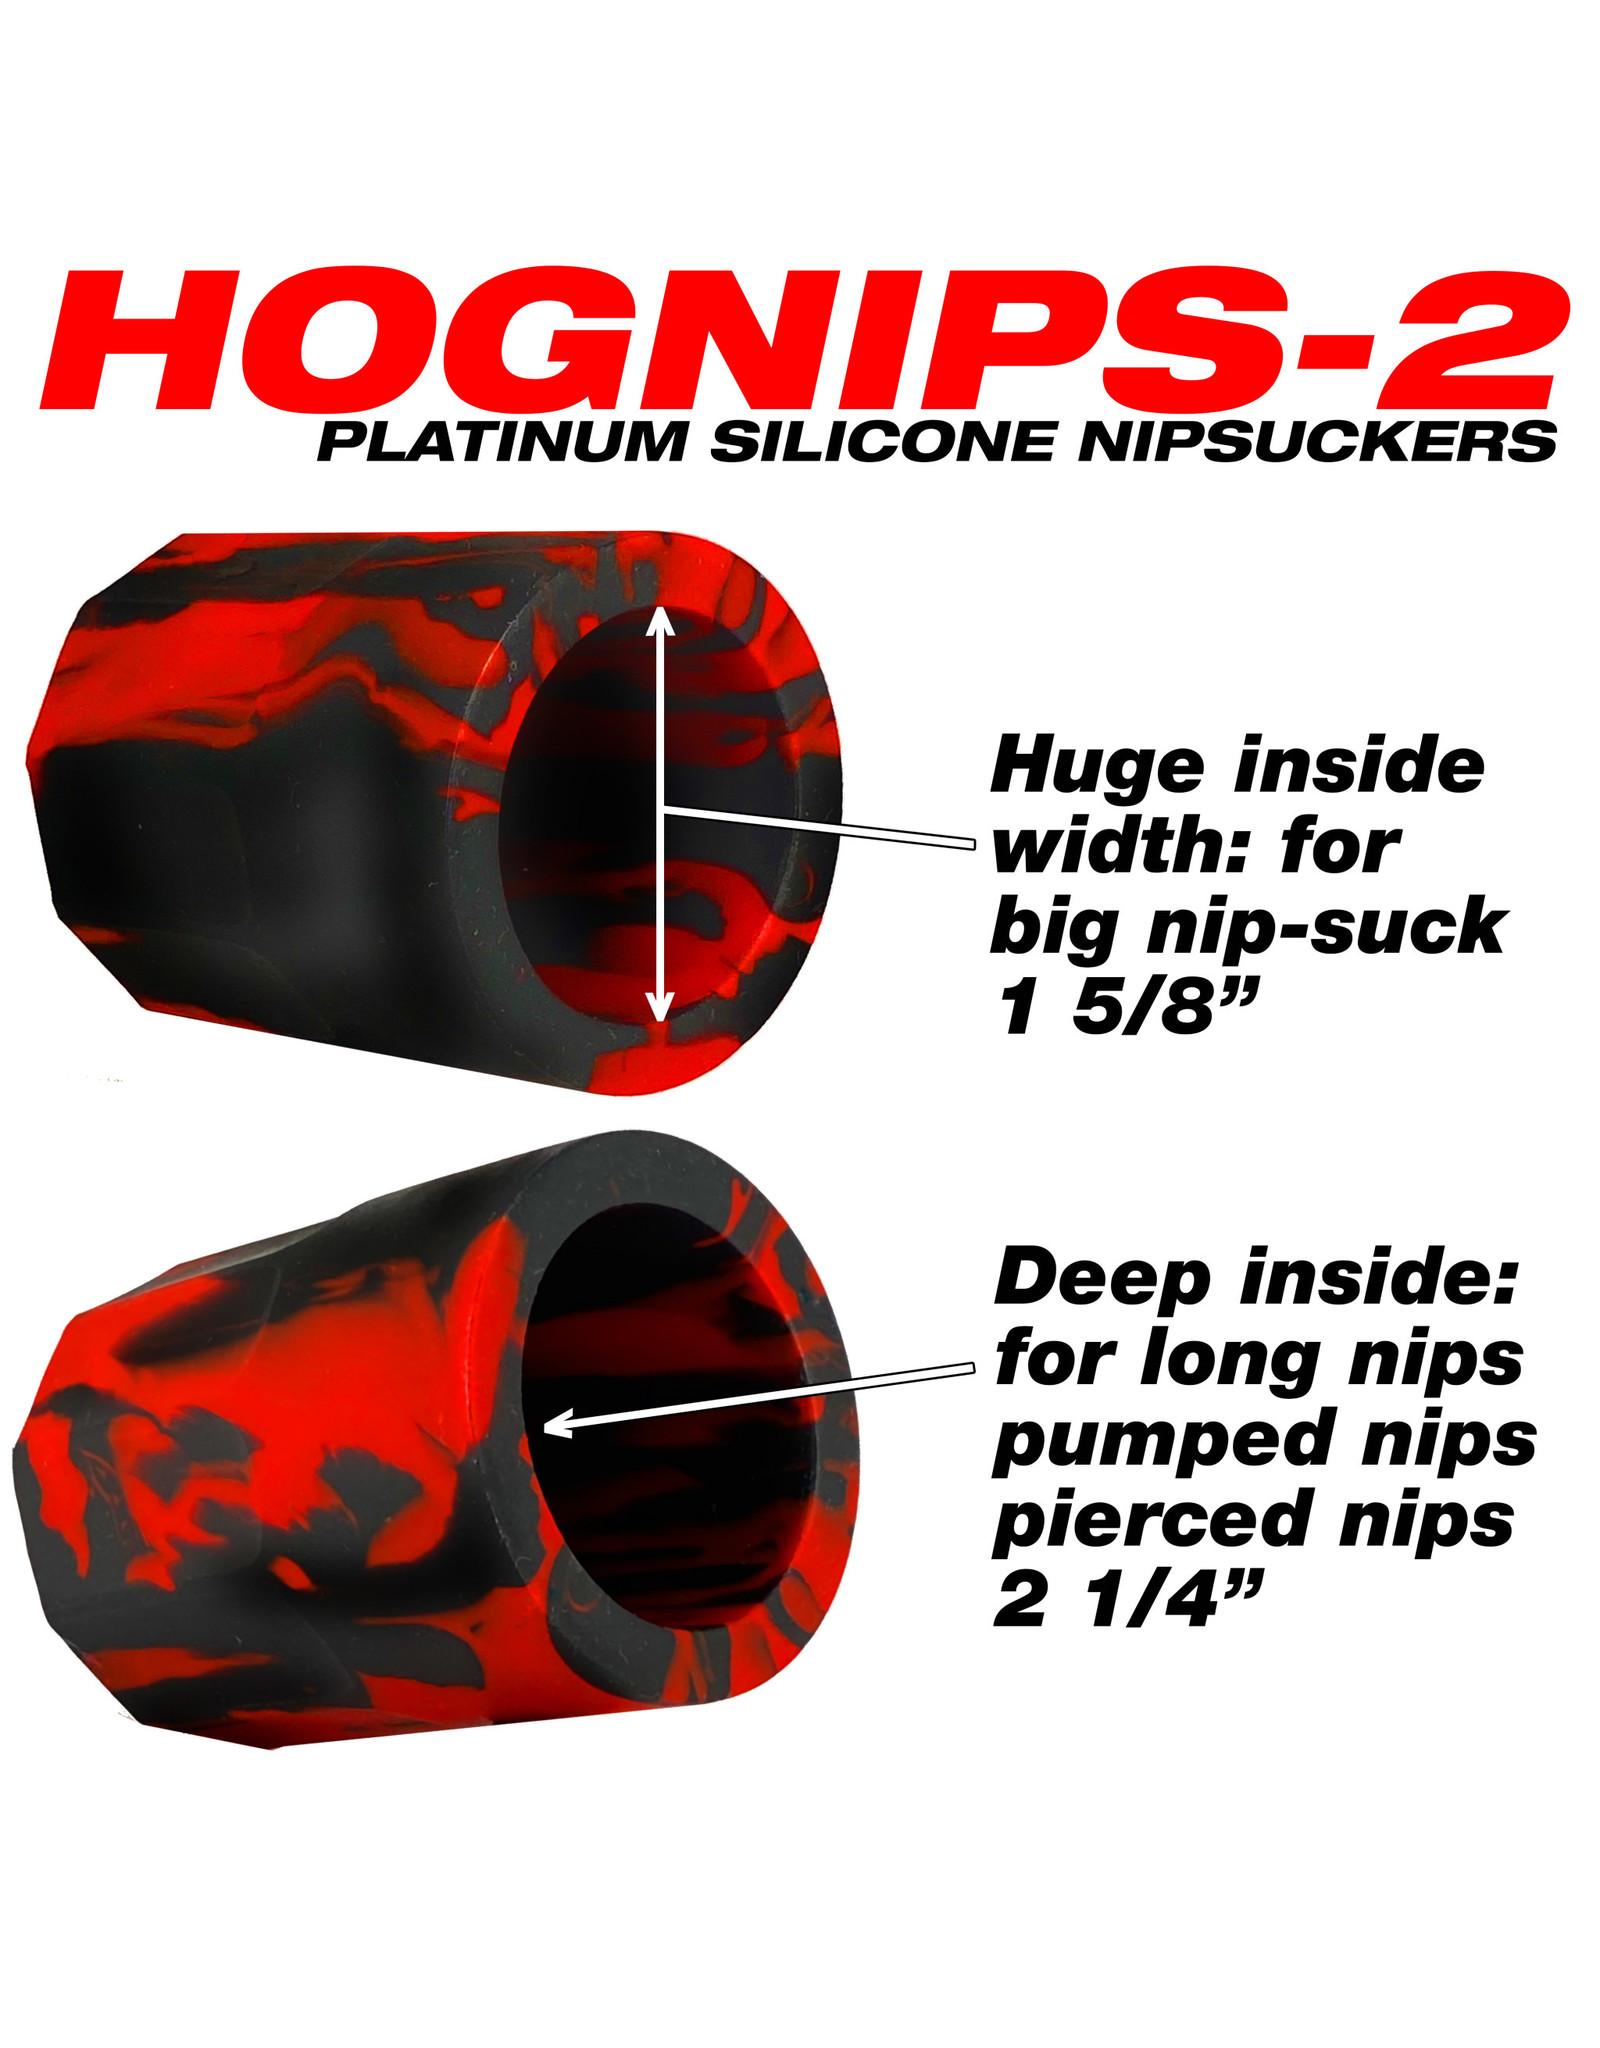 Oxballs OxBalls Hognips-2 Jumbo Nipsuckers